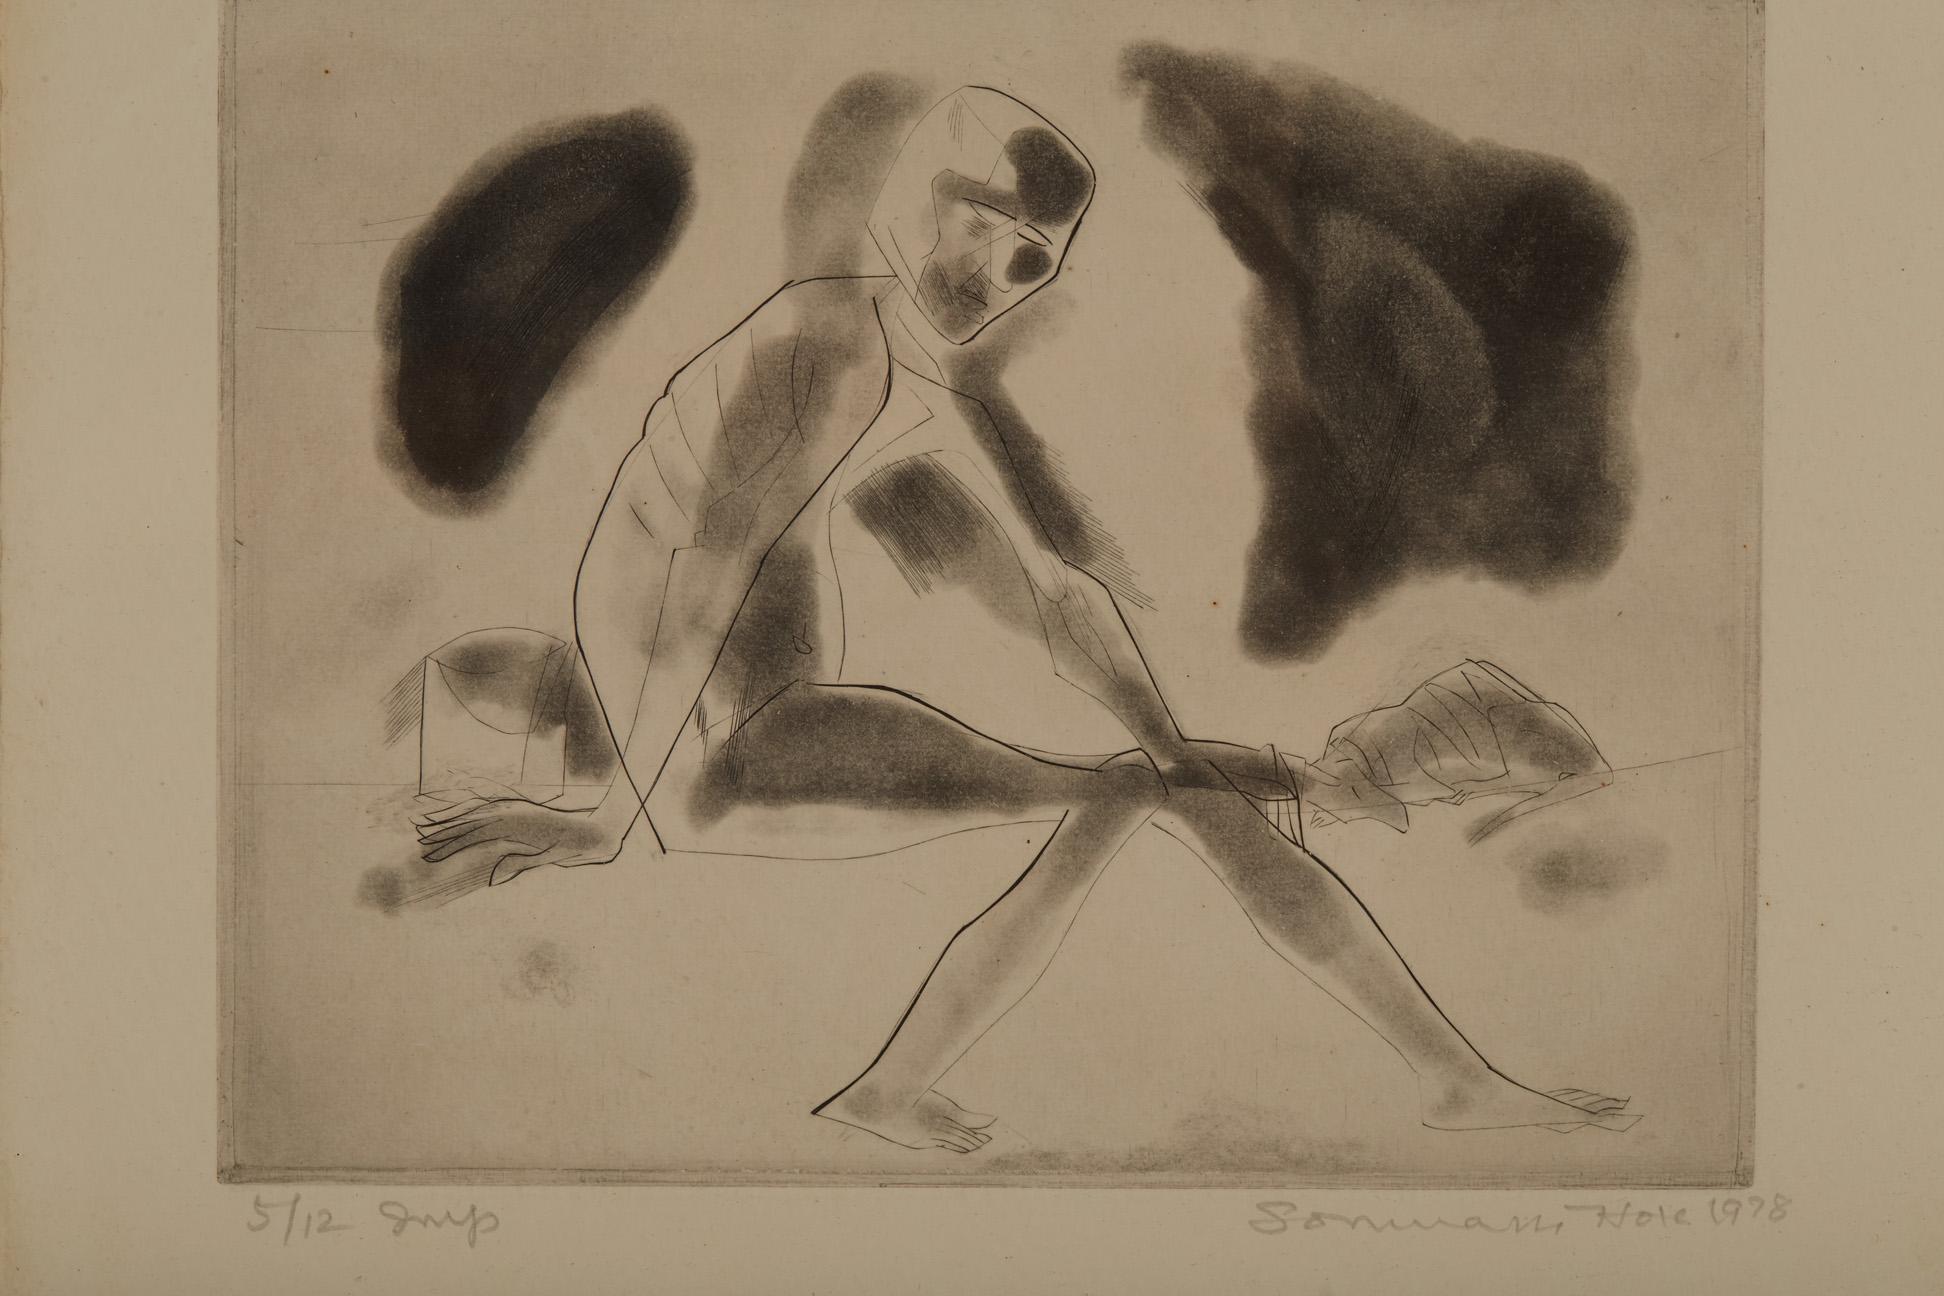 SOMNATH HORE (INDIAN, 1921-2006) - UNTITLED - Image 4 of 5